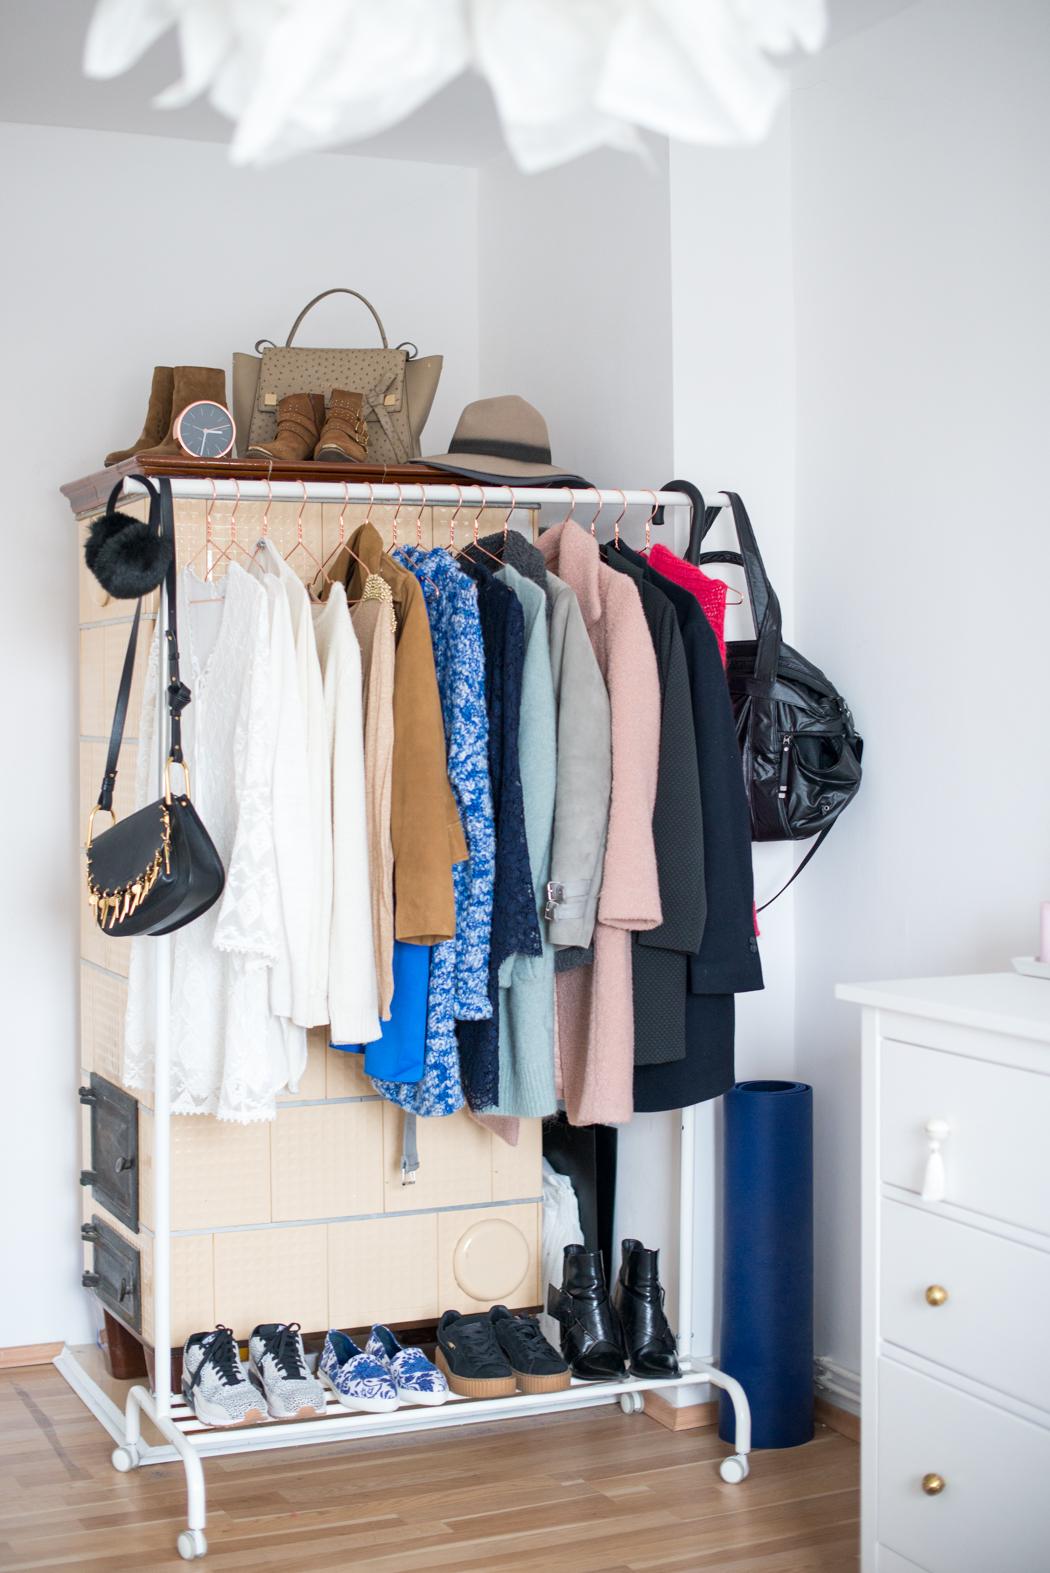 Fashionblog-Fashionblogger-Fashion-Blog-Blogger-Berlin-Deutschland-Muenchen-Interior-Post-Wohnung-Berlin-Lindarella-2